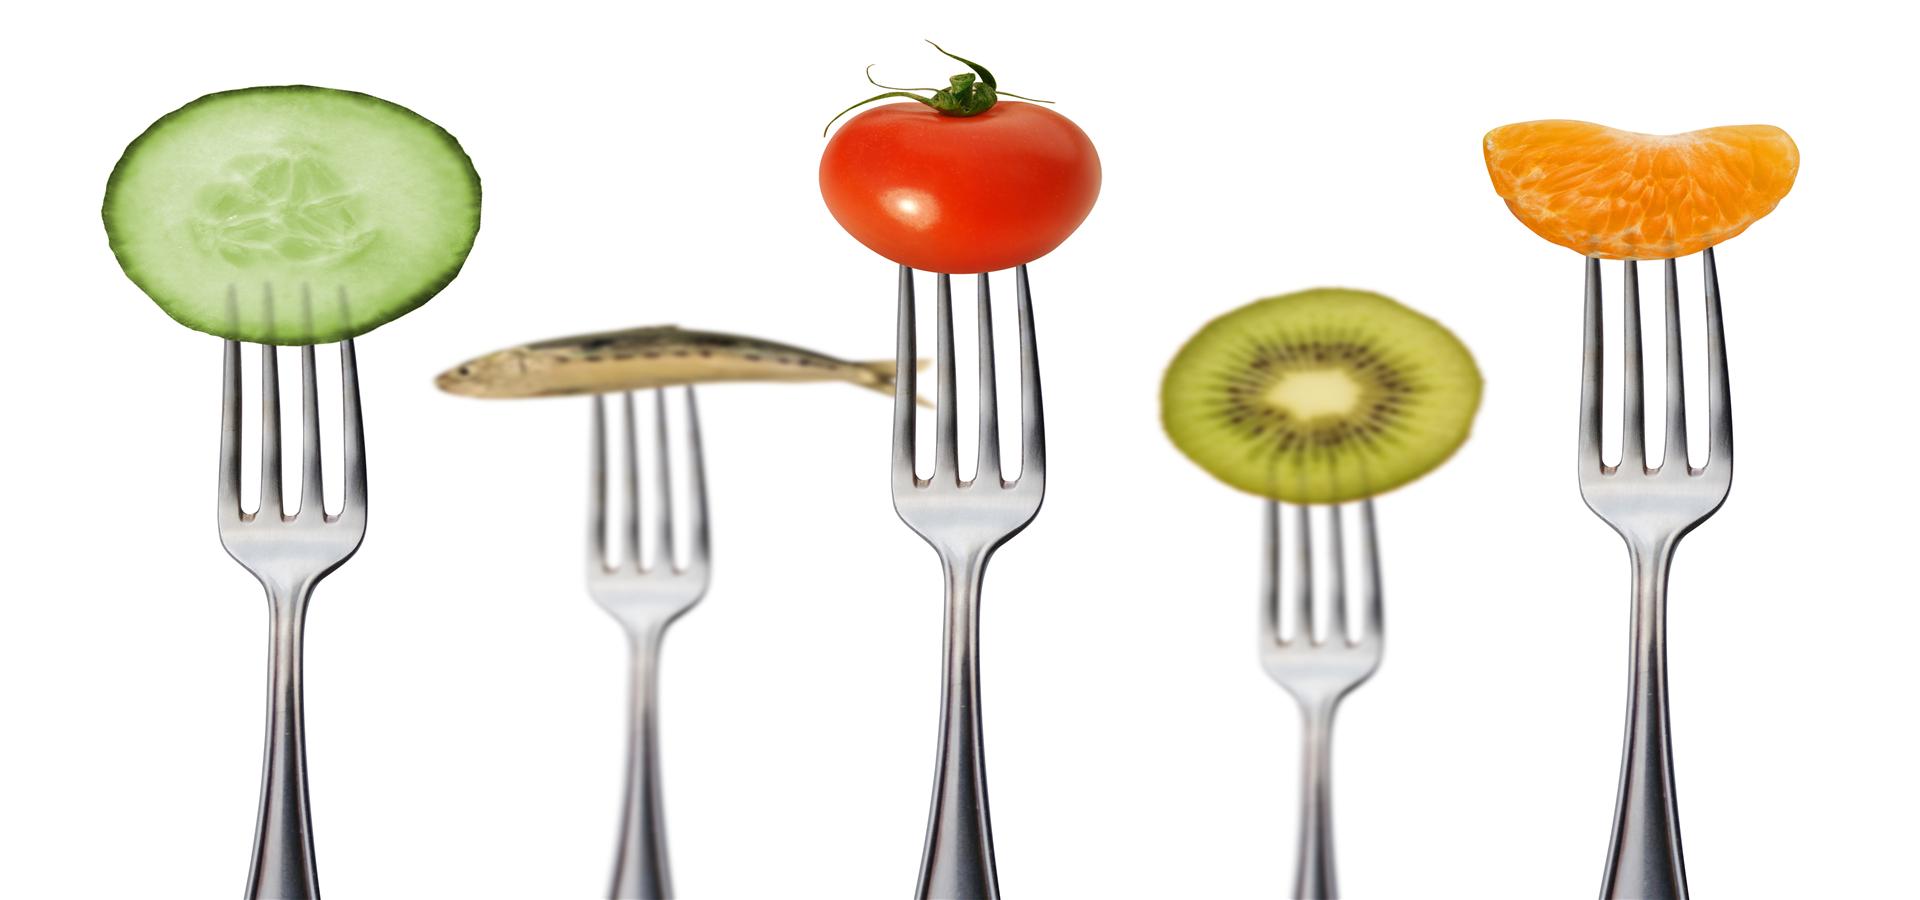 MIT Messer Und Gabel Auf Lebensmittel Poster Der Kreativen